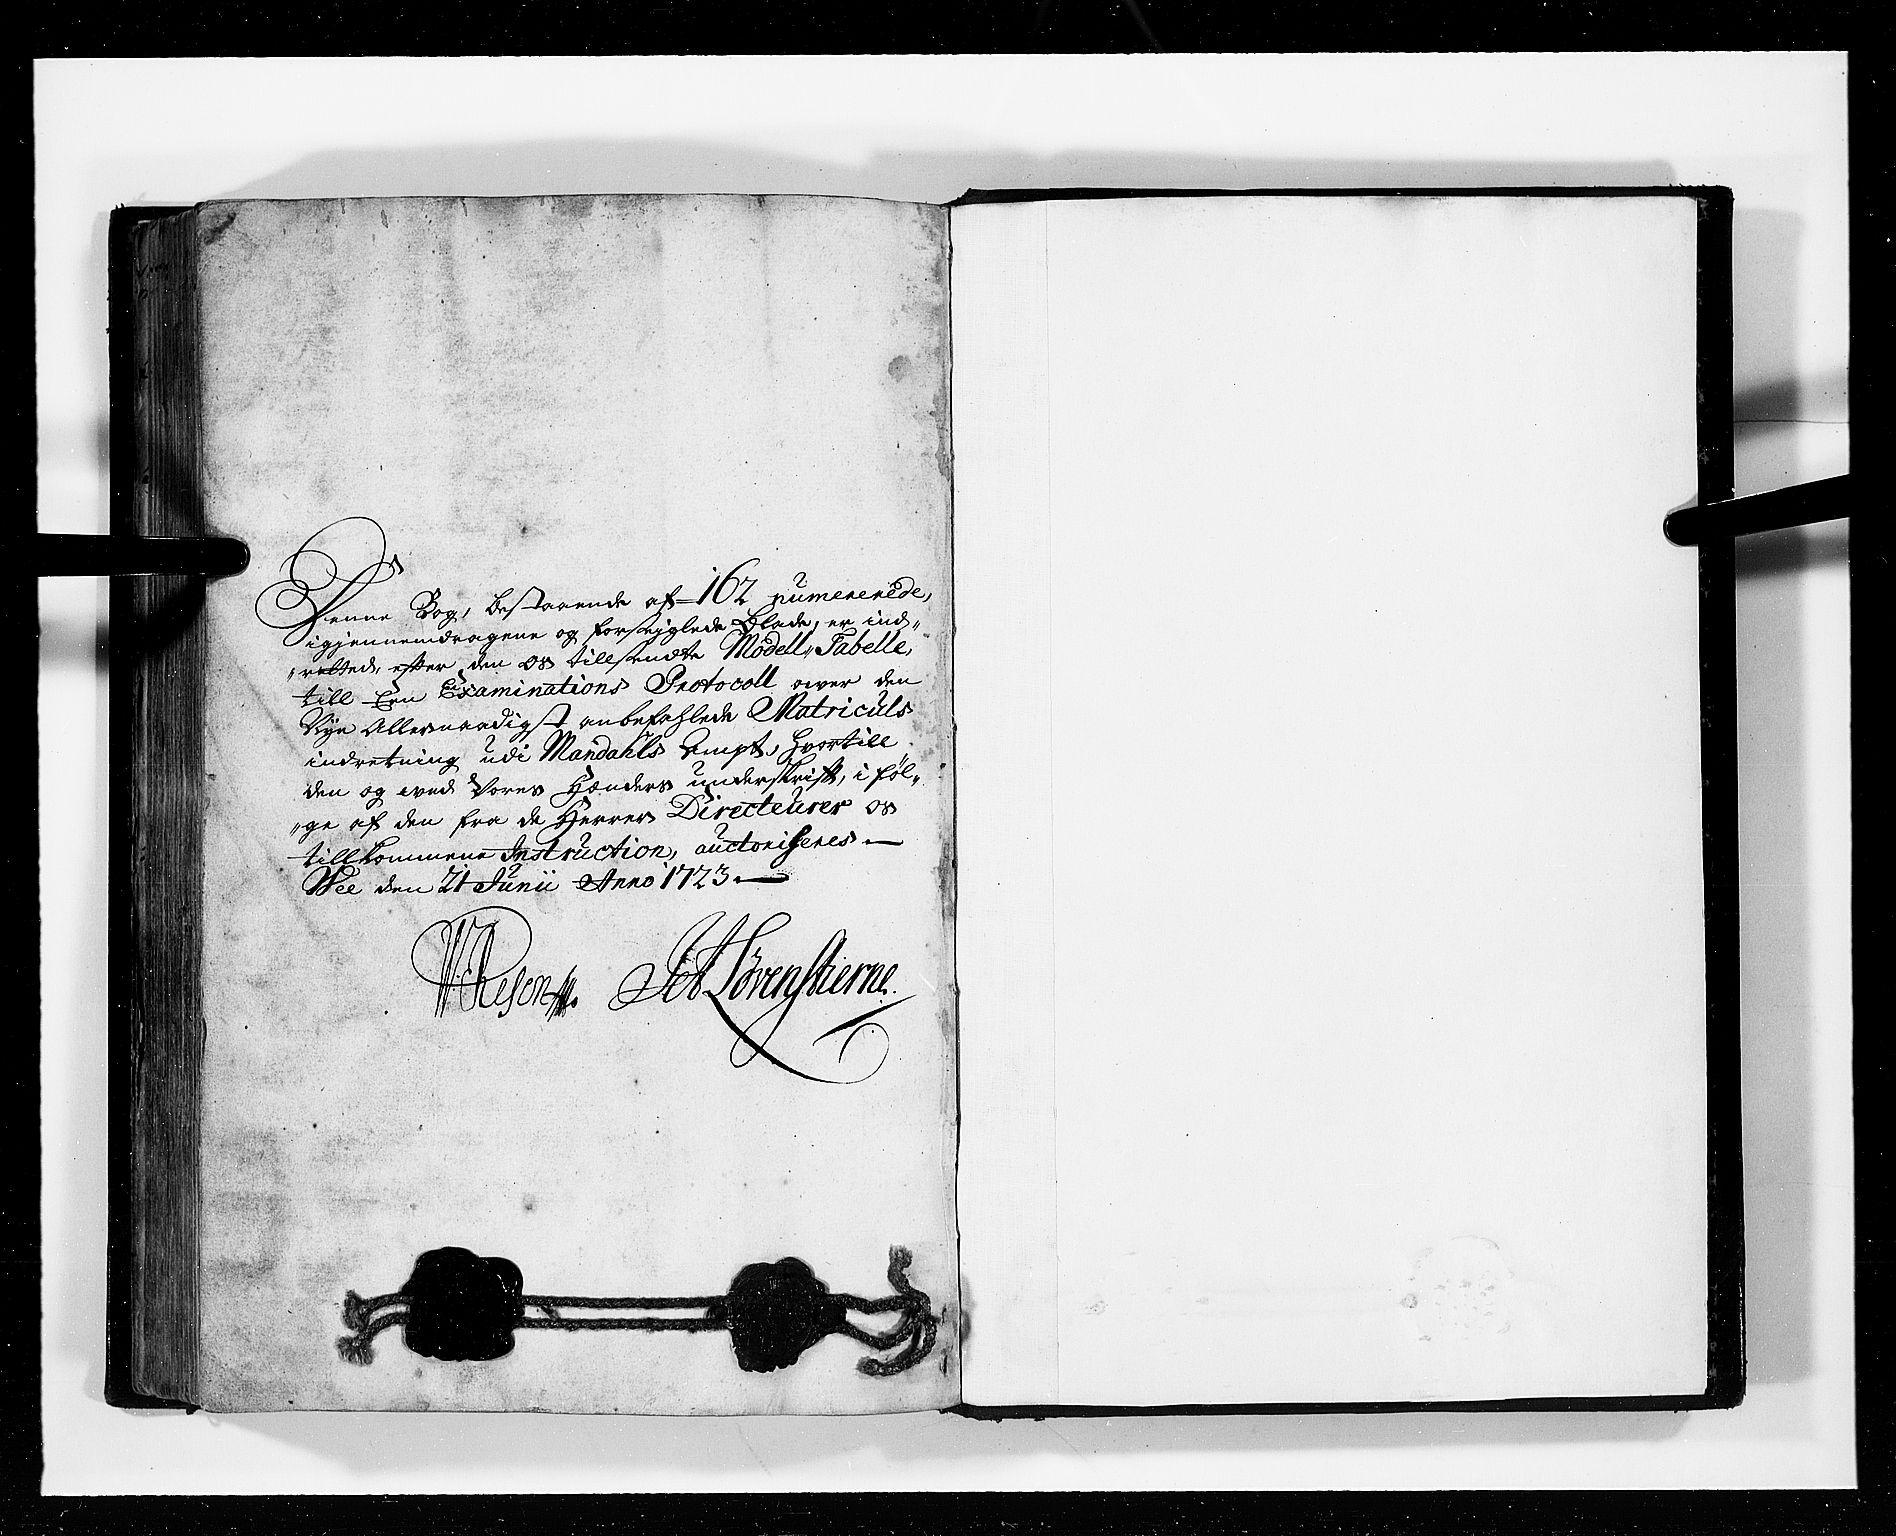 RA, Rentekammeret inntil 1814, Realistisk ordnet avdeling, N/Nb/Nbf/L0127: Mandal eksaminasjonsprotokoll, 1723, s. 148b-149a